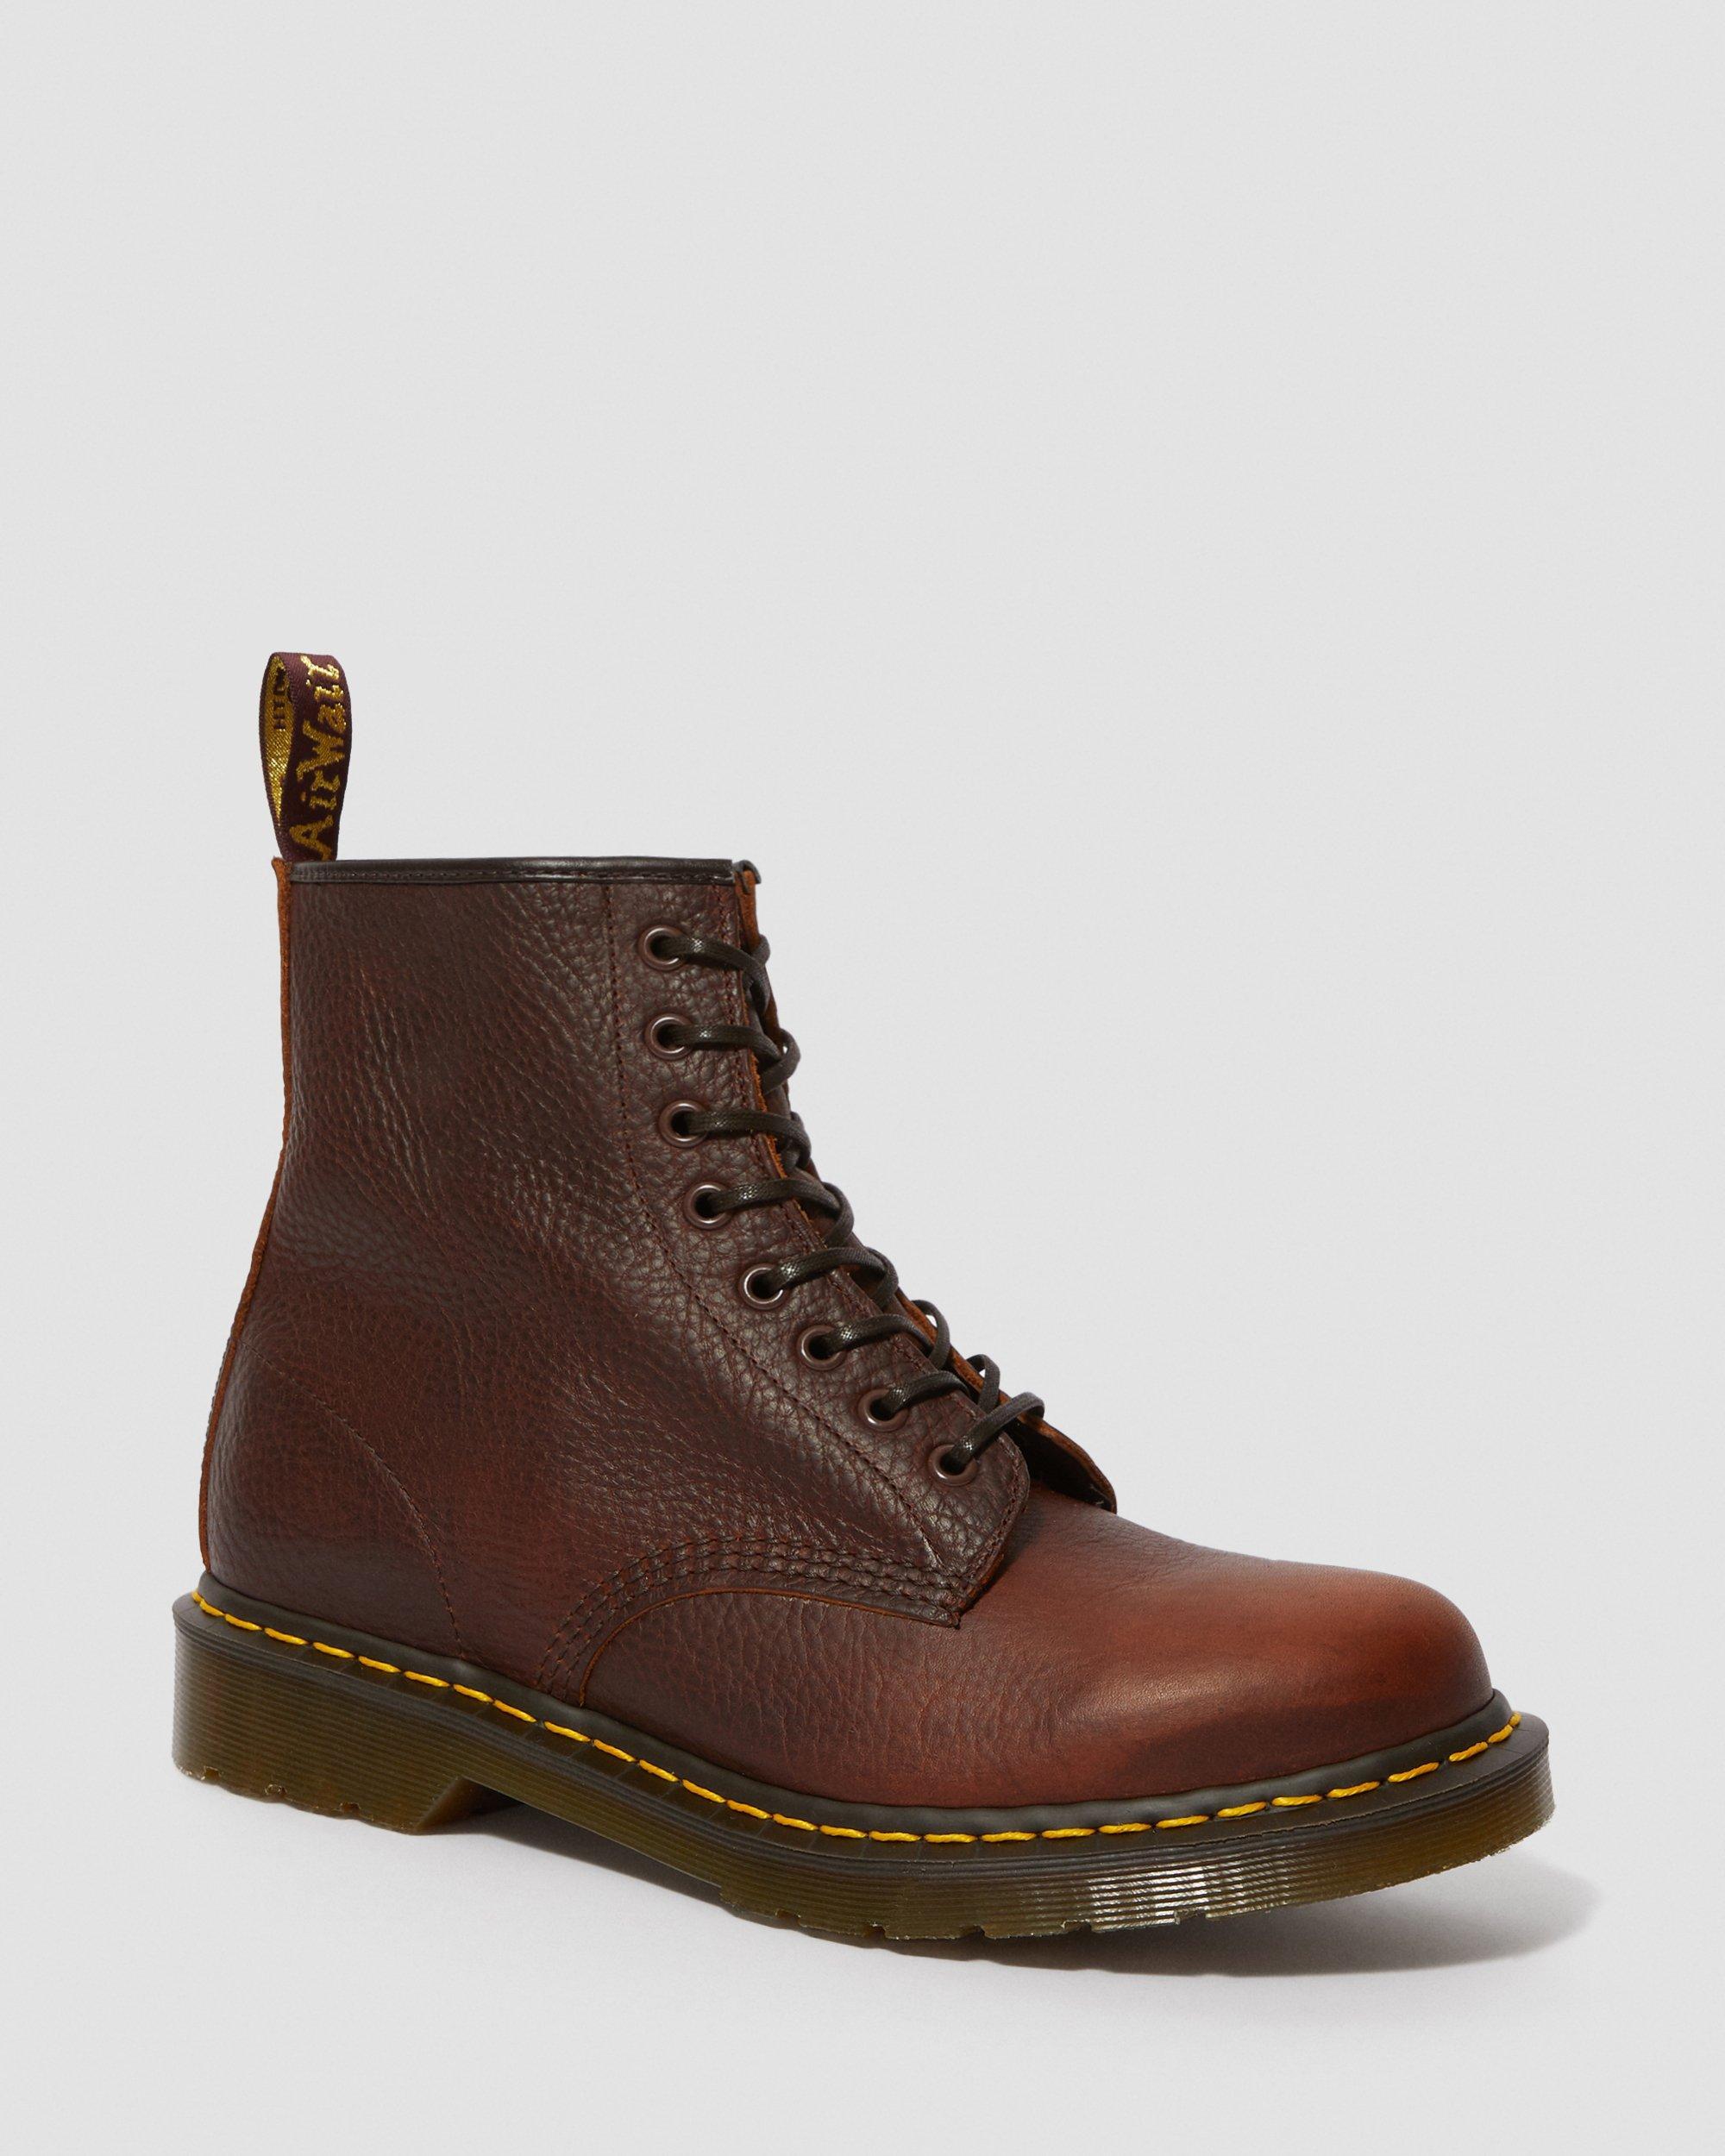 DR MARTENS PASCAL Ripple Schuhe Boot Gr.42 EUR 67,00